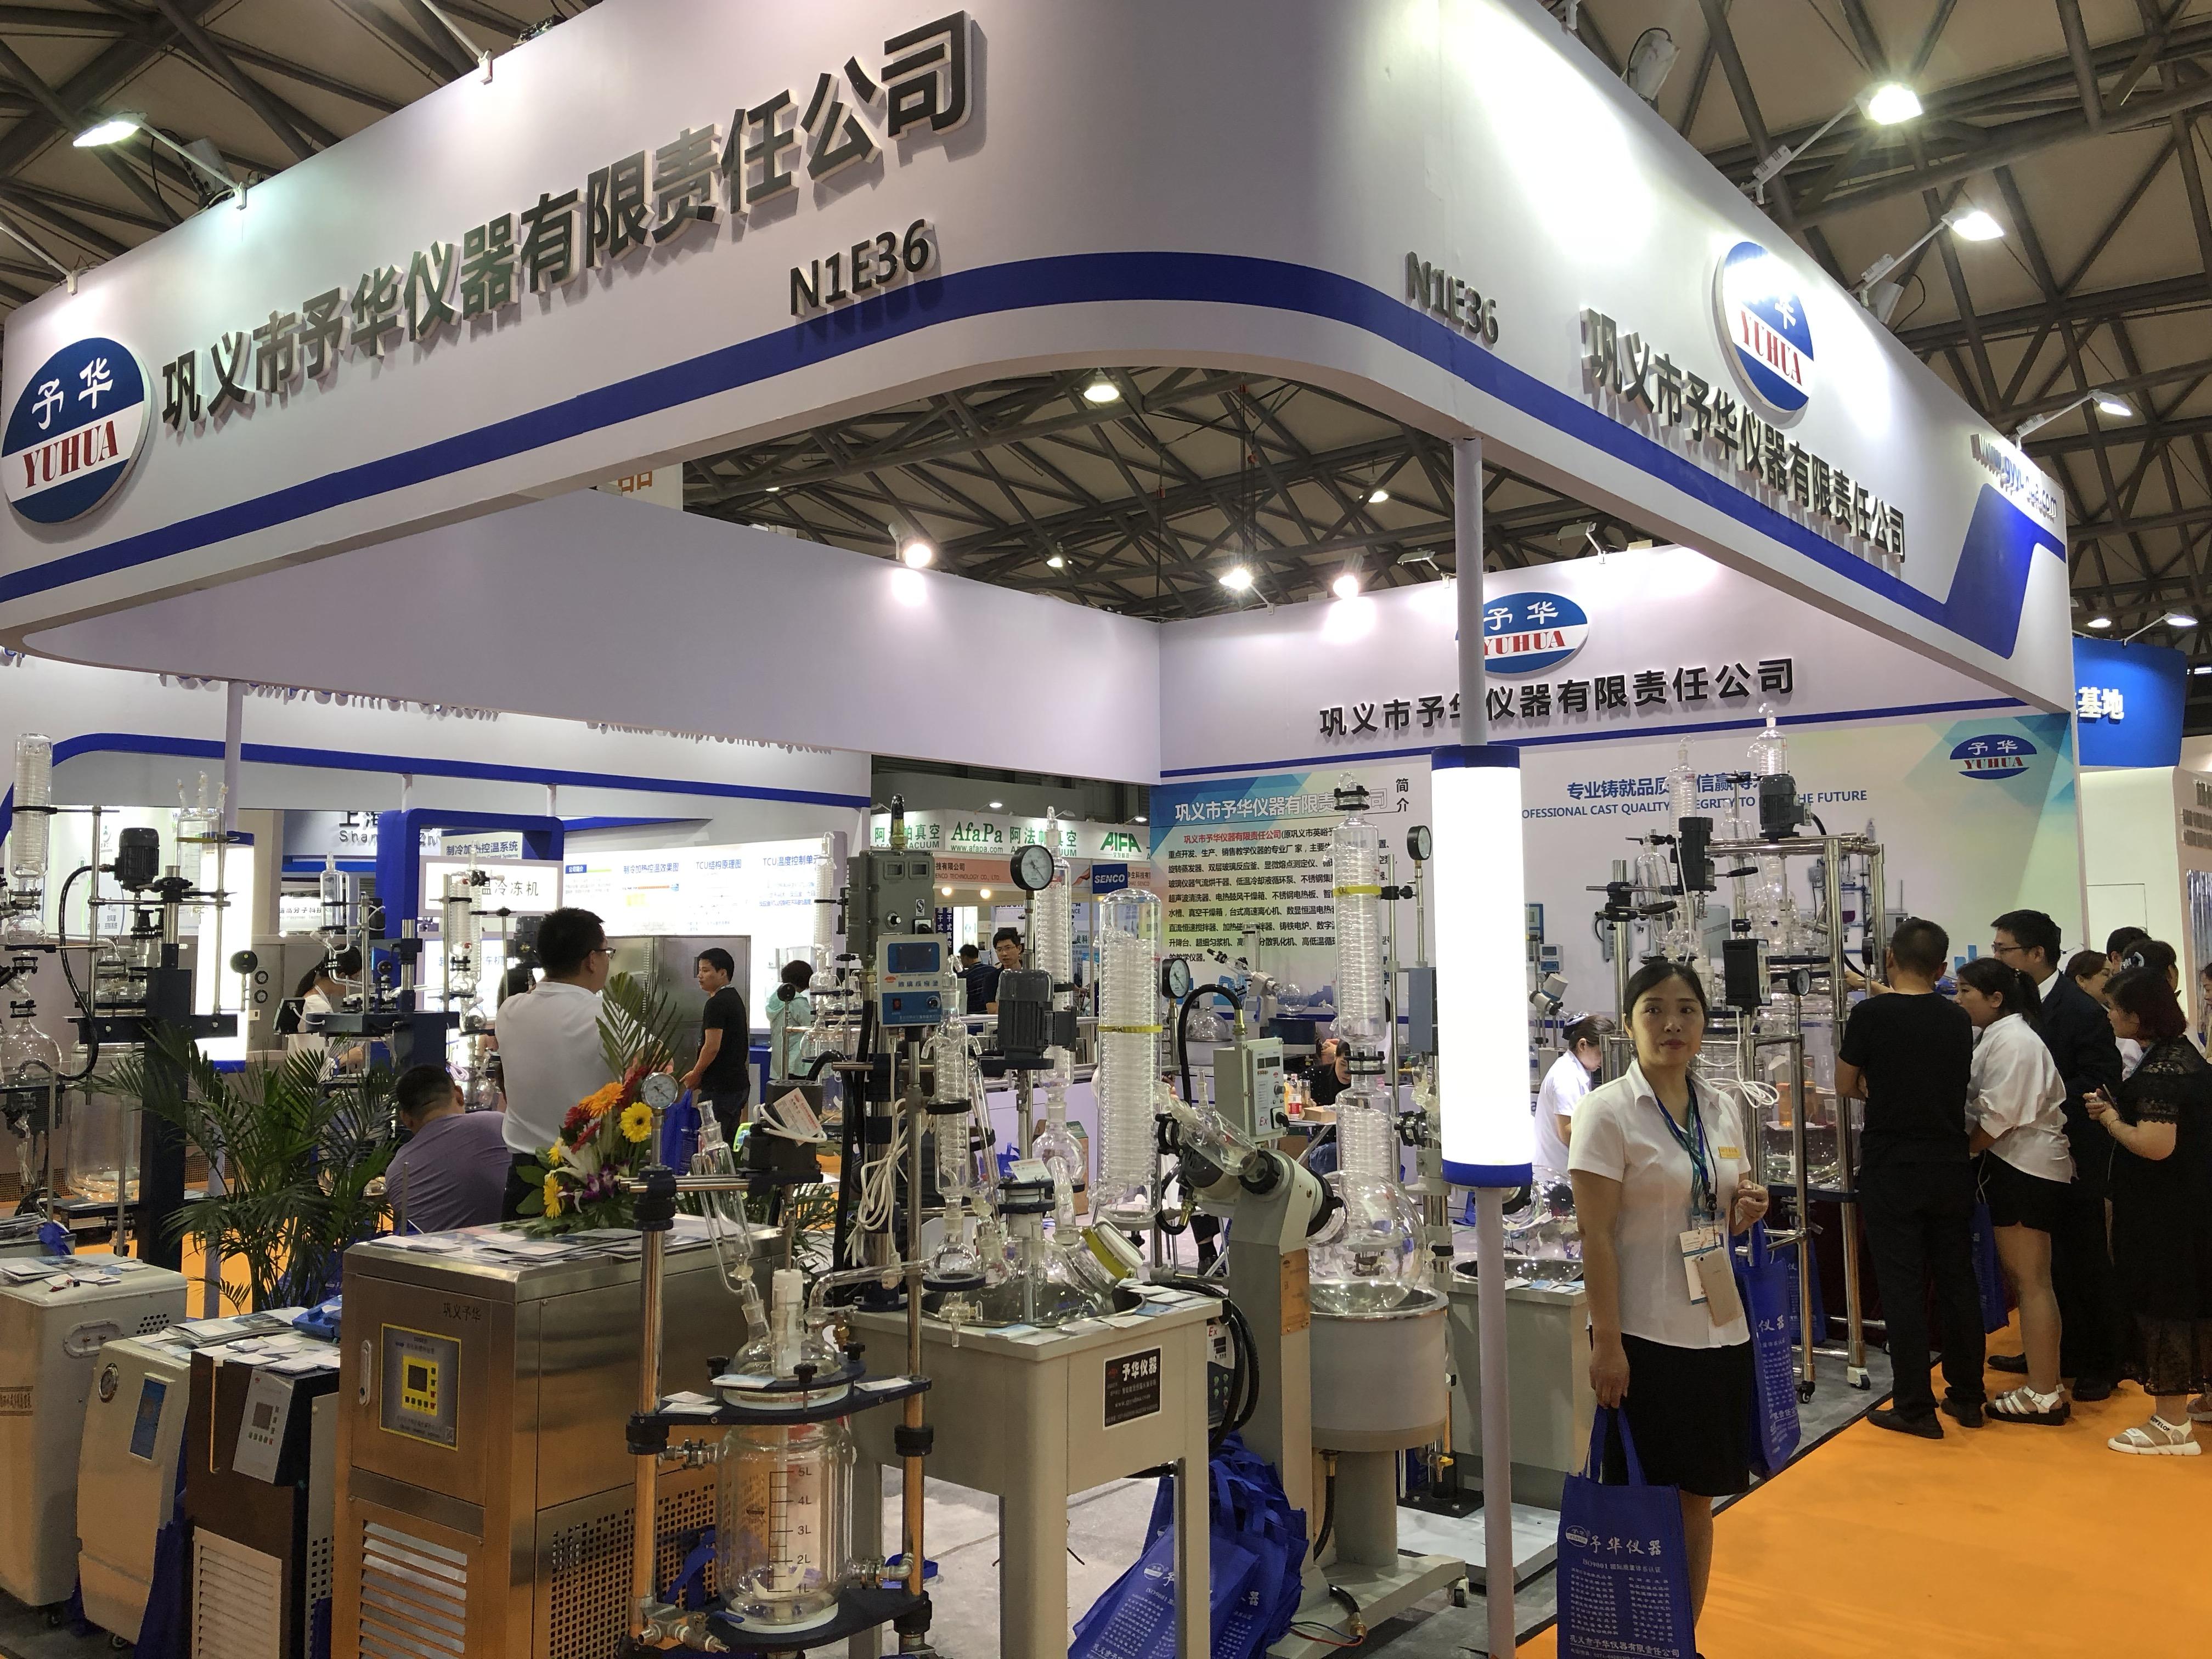 予华仪器亮相2018世界生化、分析仪器与实验室装备中国展